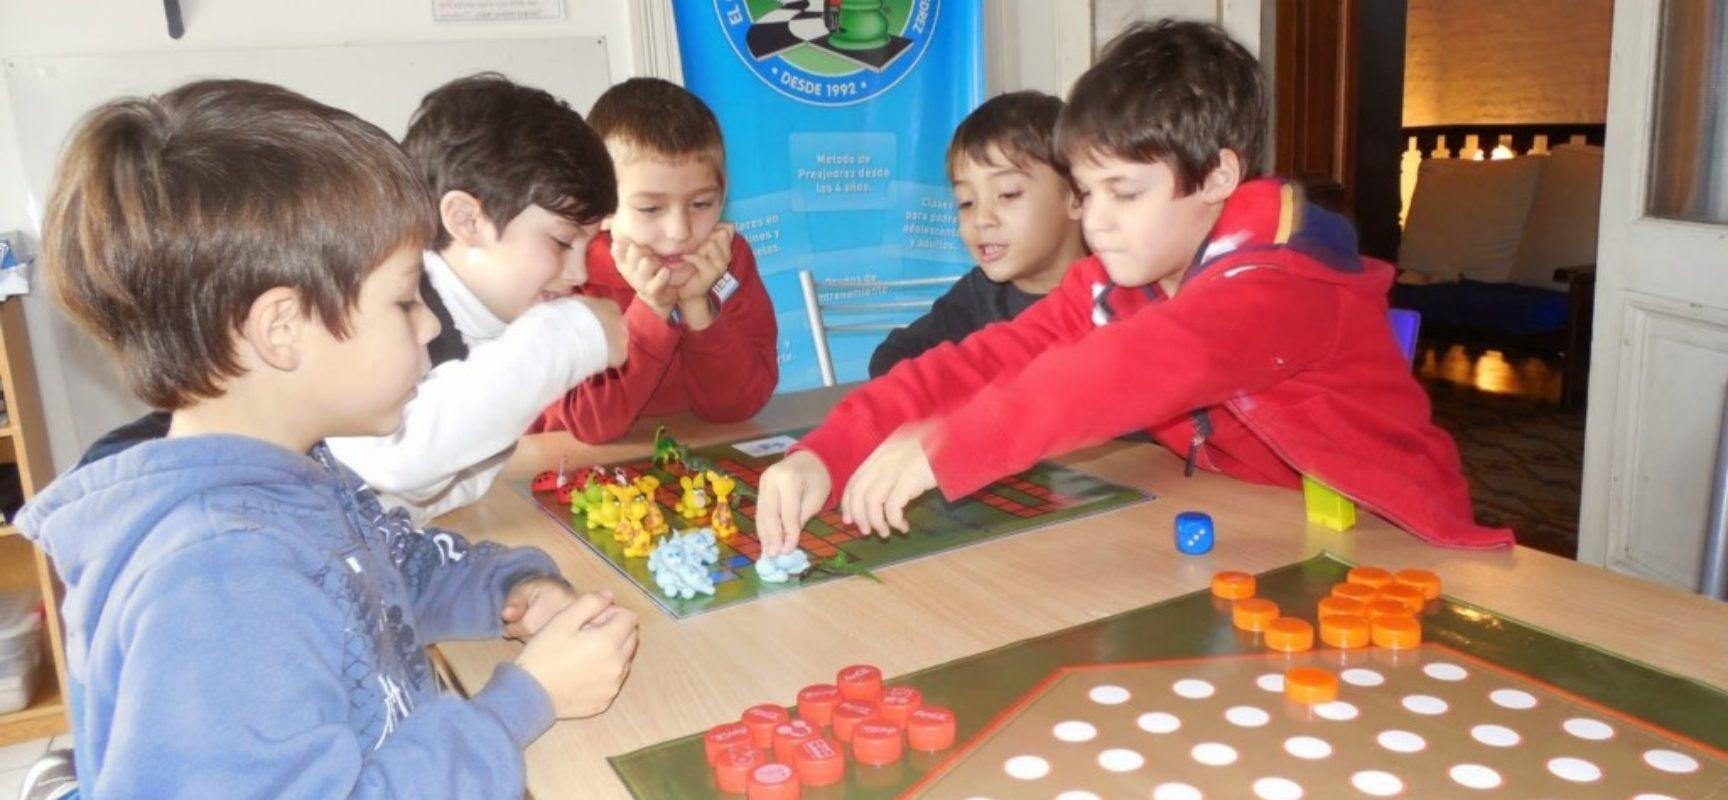 Marina Rizzo: 'En el ajedrez competitivo, uno está centrado en uno mismo y en el educativo, en los demás'